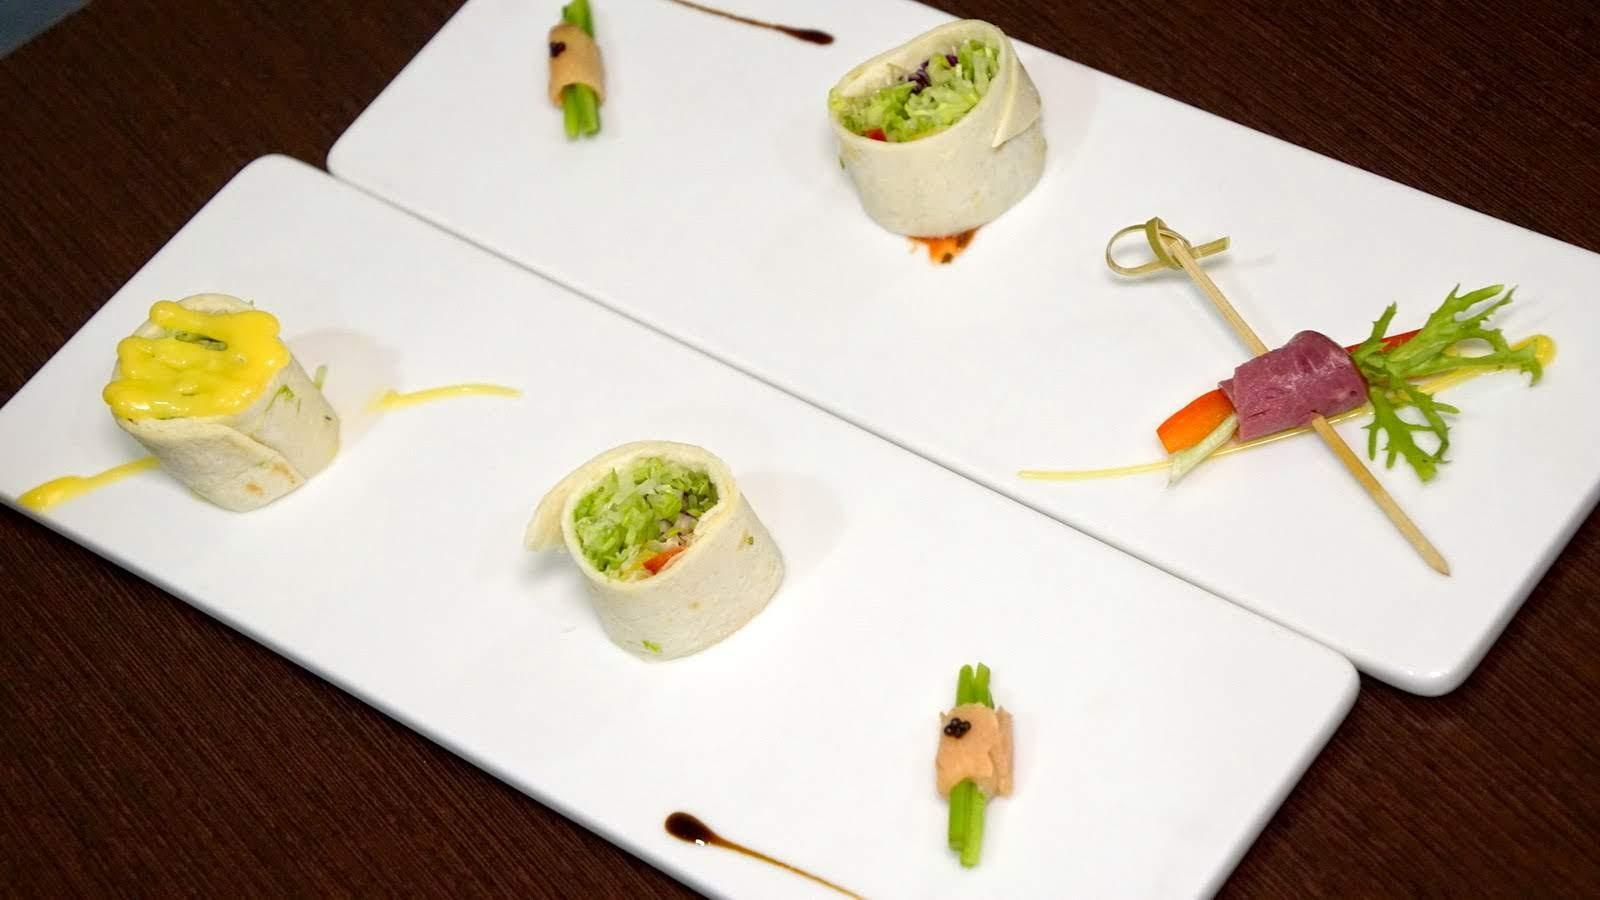 [台南][北區] 朵菈義大利麵|平價又堅持品質的小店|食記